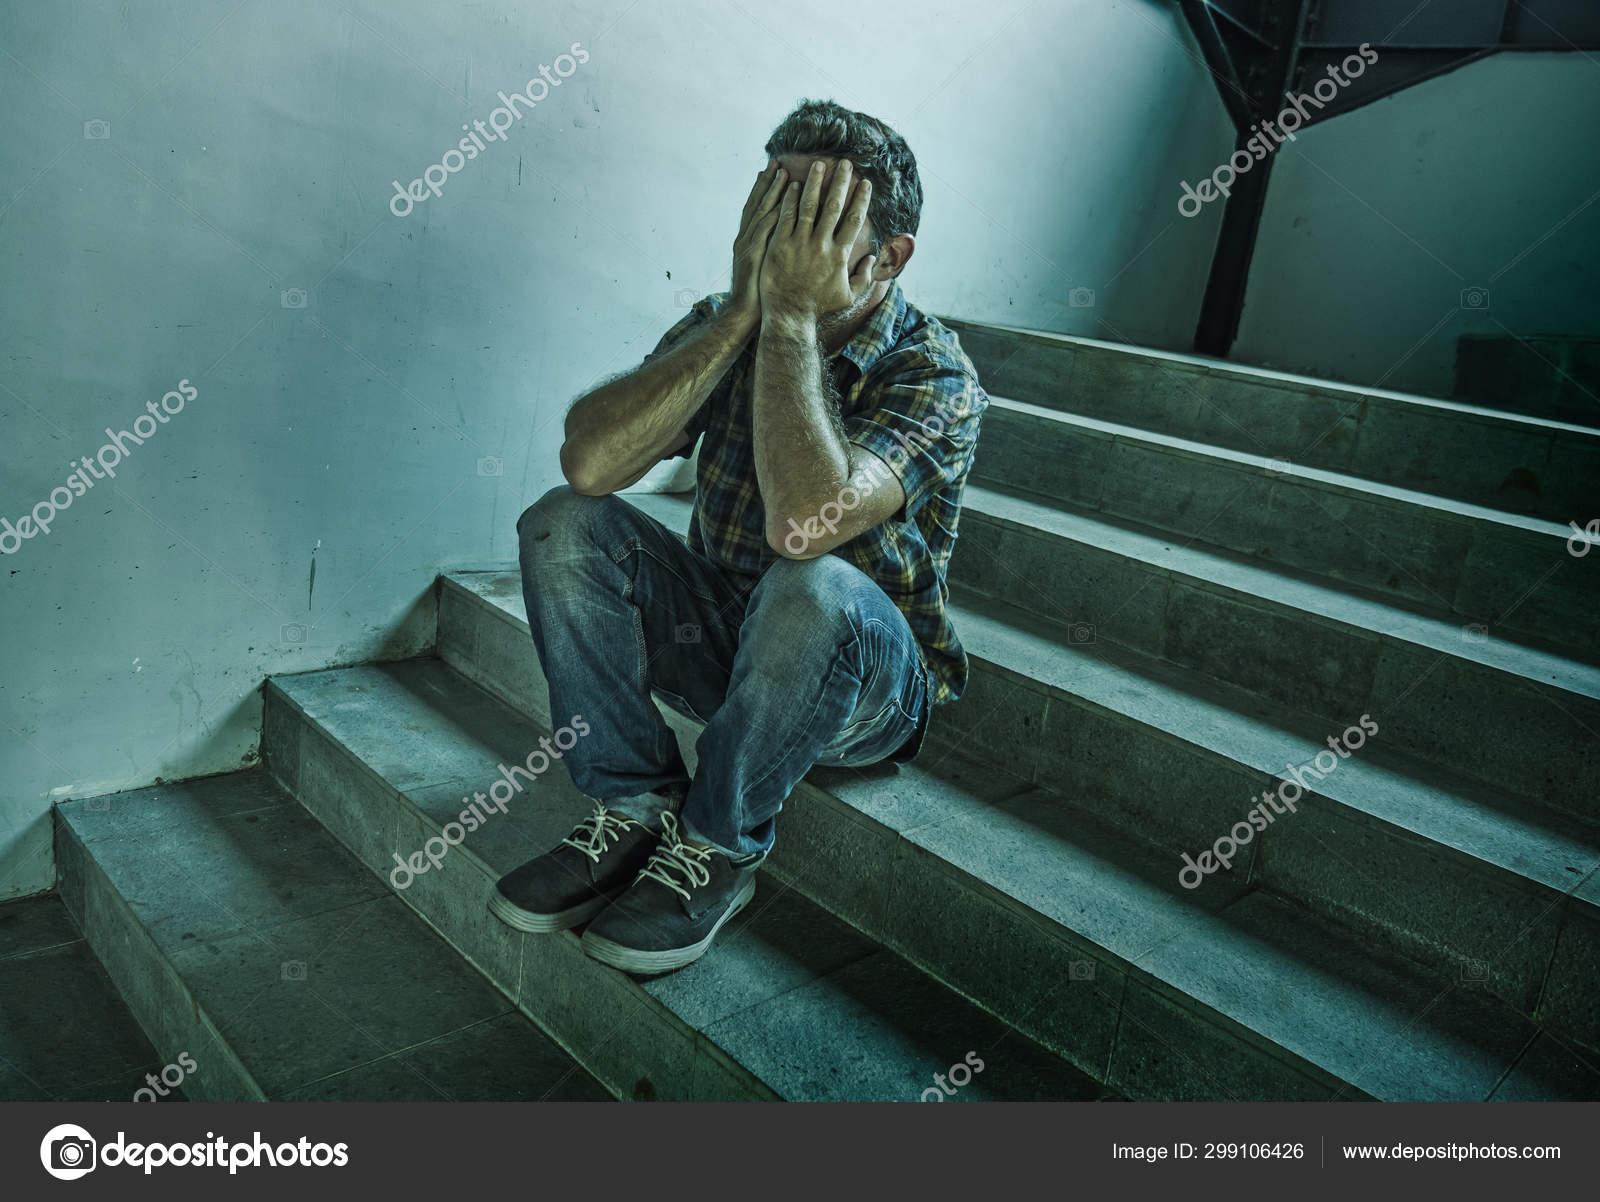 Potret Gaya Hidup Dramatis Seorang Pria Muda Yang Depresi Dan Sedih Duduk Di Luar Ruangan Di Tangga Jalan Gelap Menderita Masalah Depresi Dan Krisis Kecemasan Menangis Putus Asa Stok Foto C